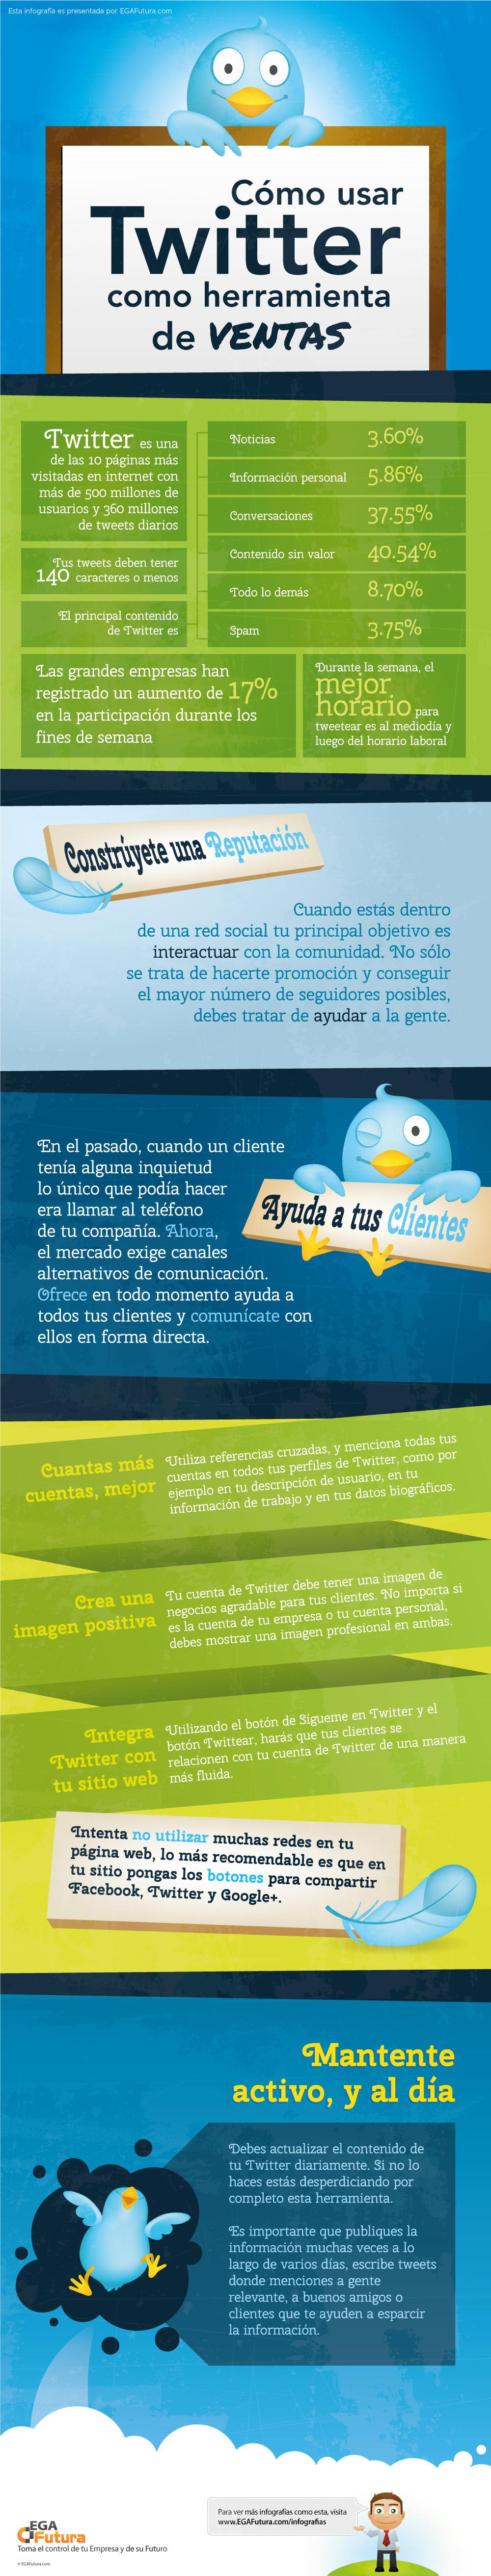 Infografía: Cómo usar Twitter como Herramienta de Ventas